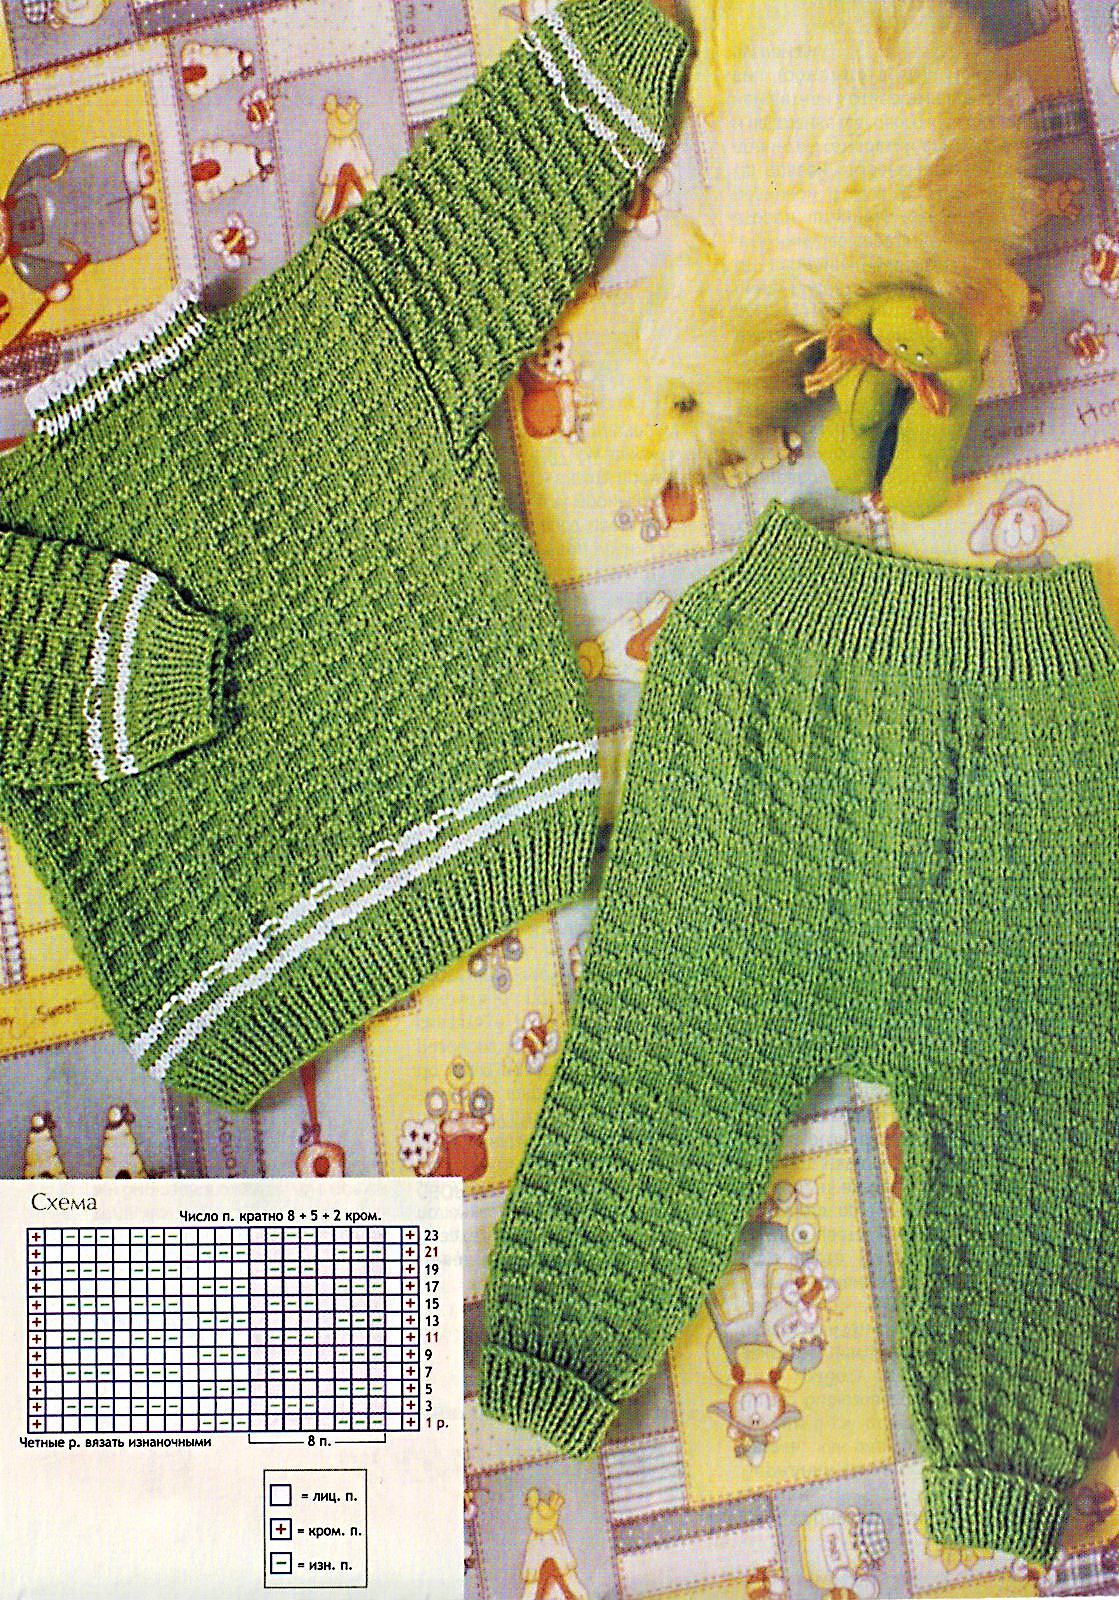 Кофточка и штанишки для малыша МАТЕРИАЛЫ: 220 г тонкой акриловой пряжи зеленого цвета, 30 г пряжи белого цвета, 3...